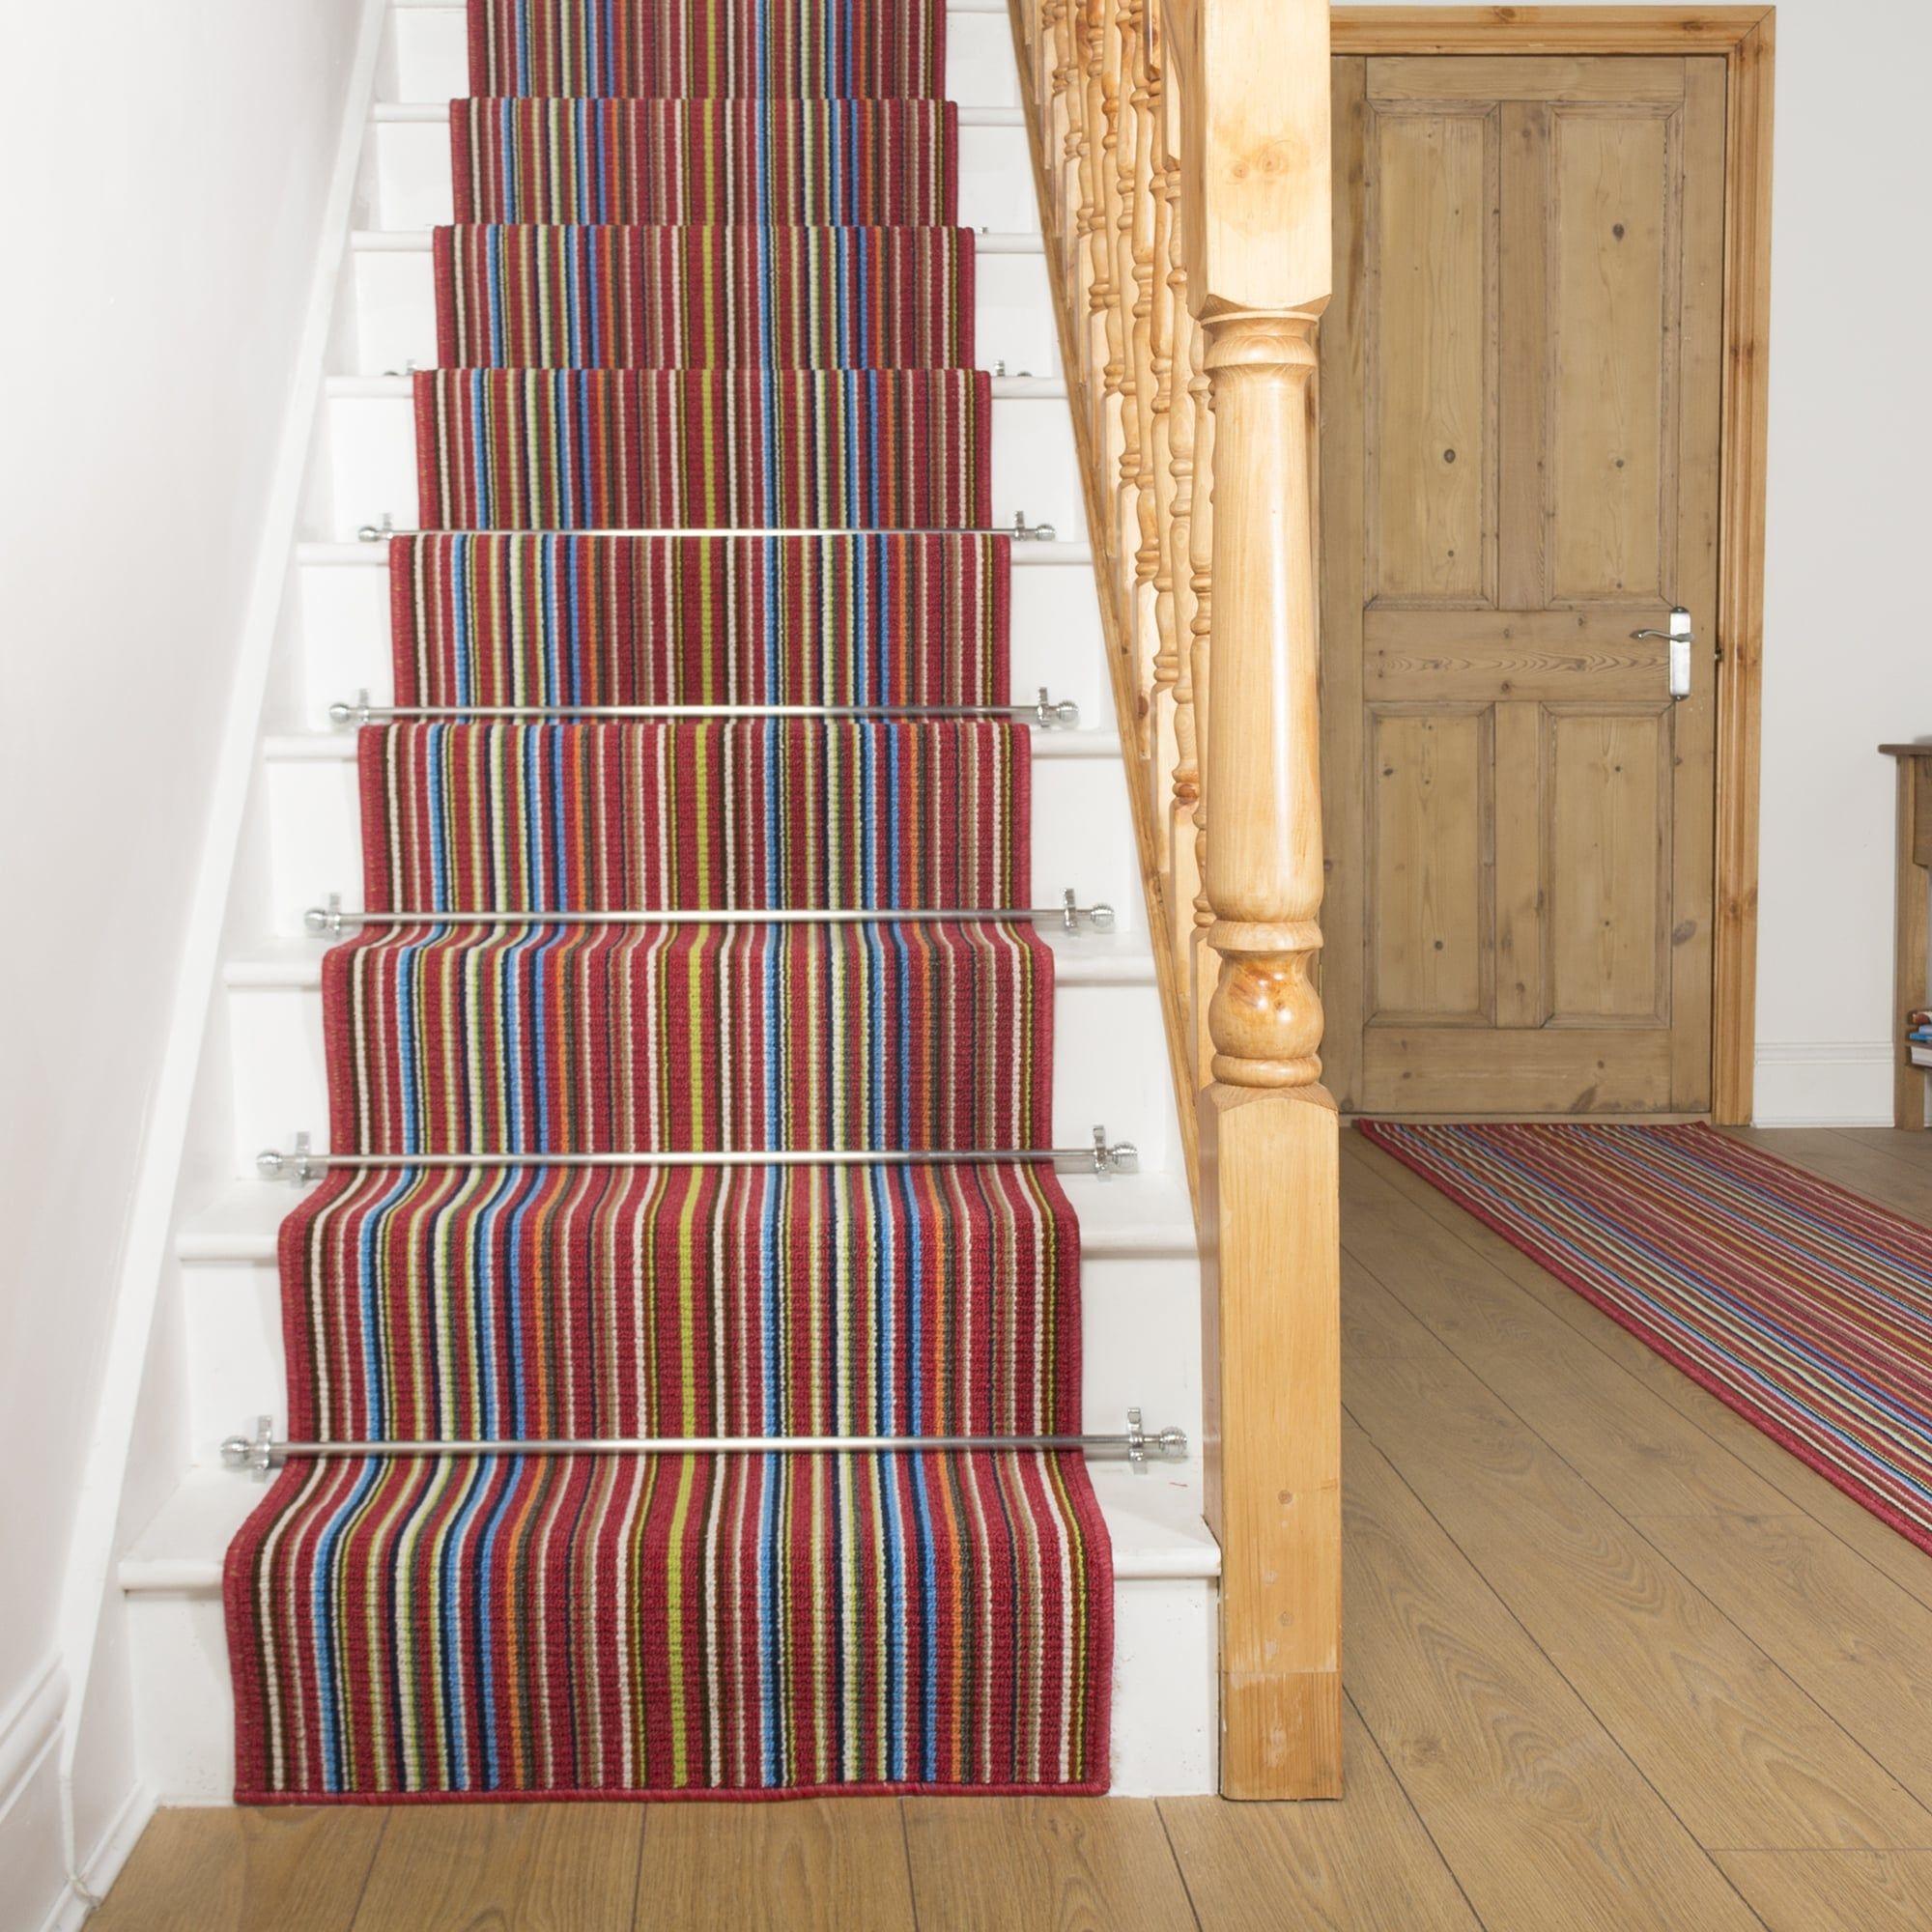 Contra Red Stair Runner Outdoor Carpet Indoor Outdoor | Indoor Outdoor Carpet Runners For Stairs